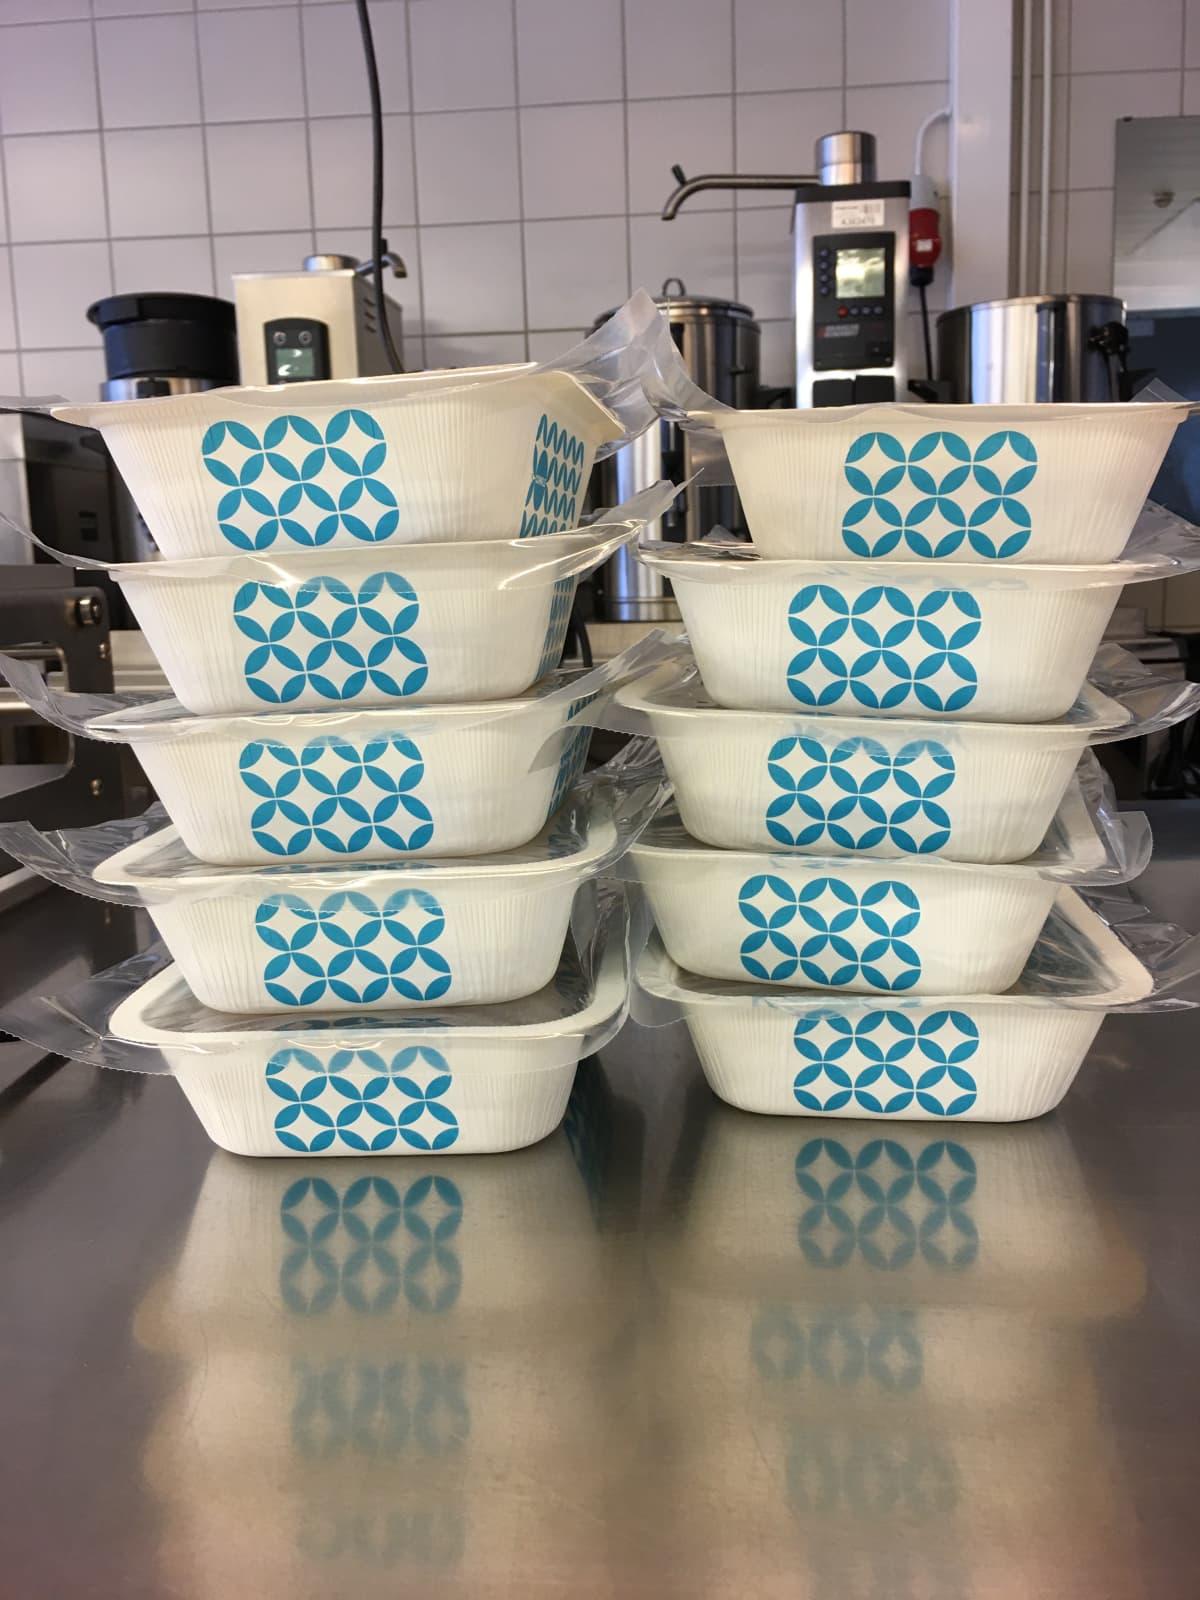 Etäkoululaisten ruoka tarjotaan noudettavaksi kylmäannoksina.